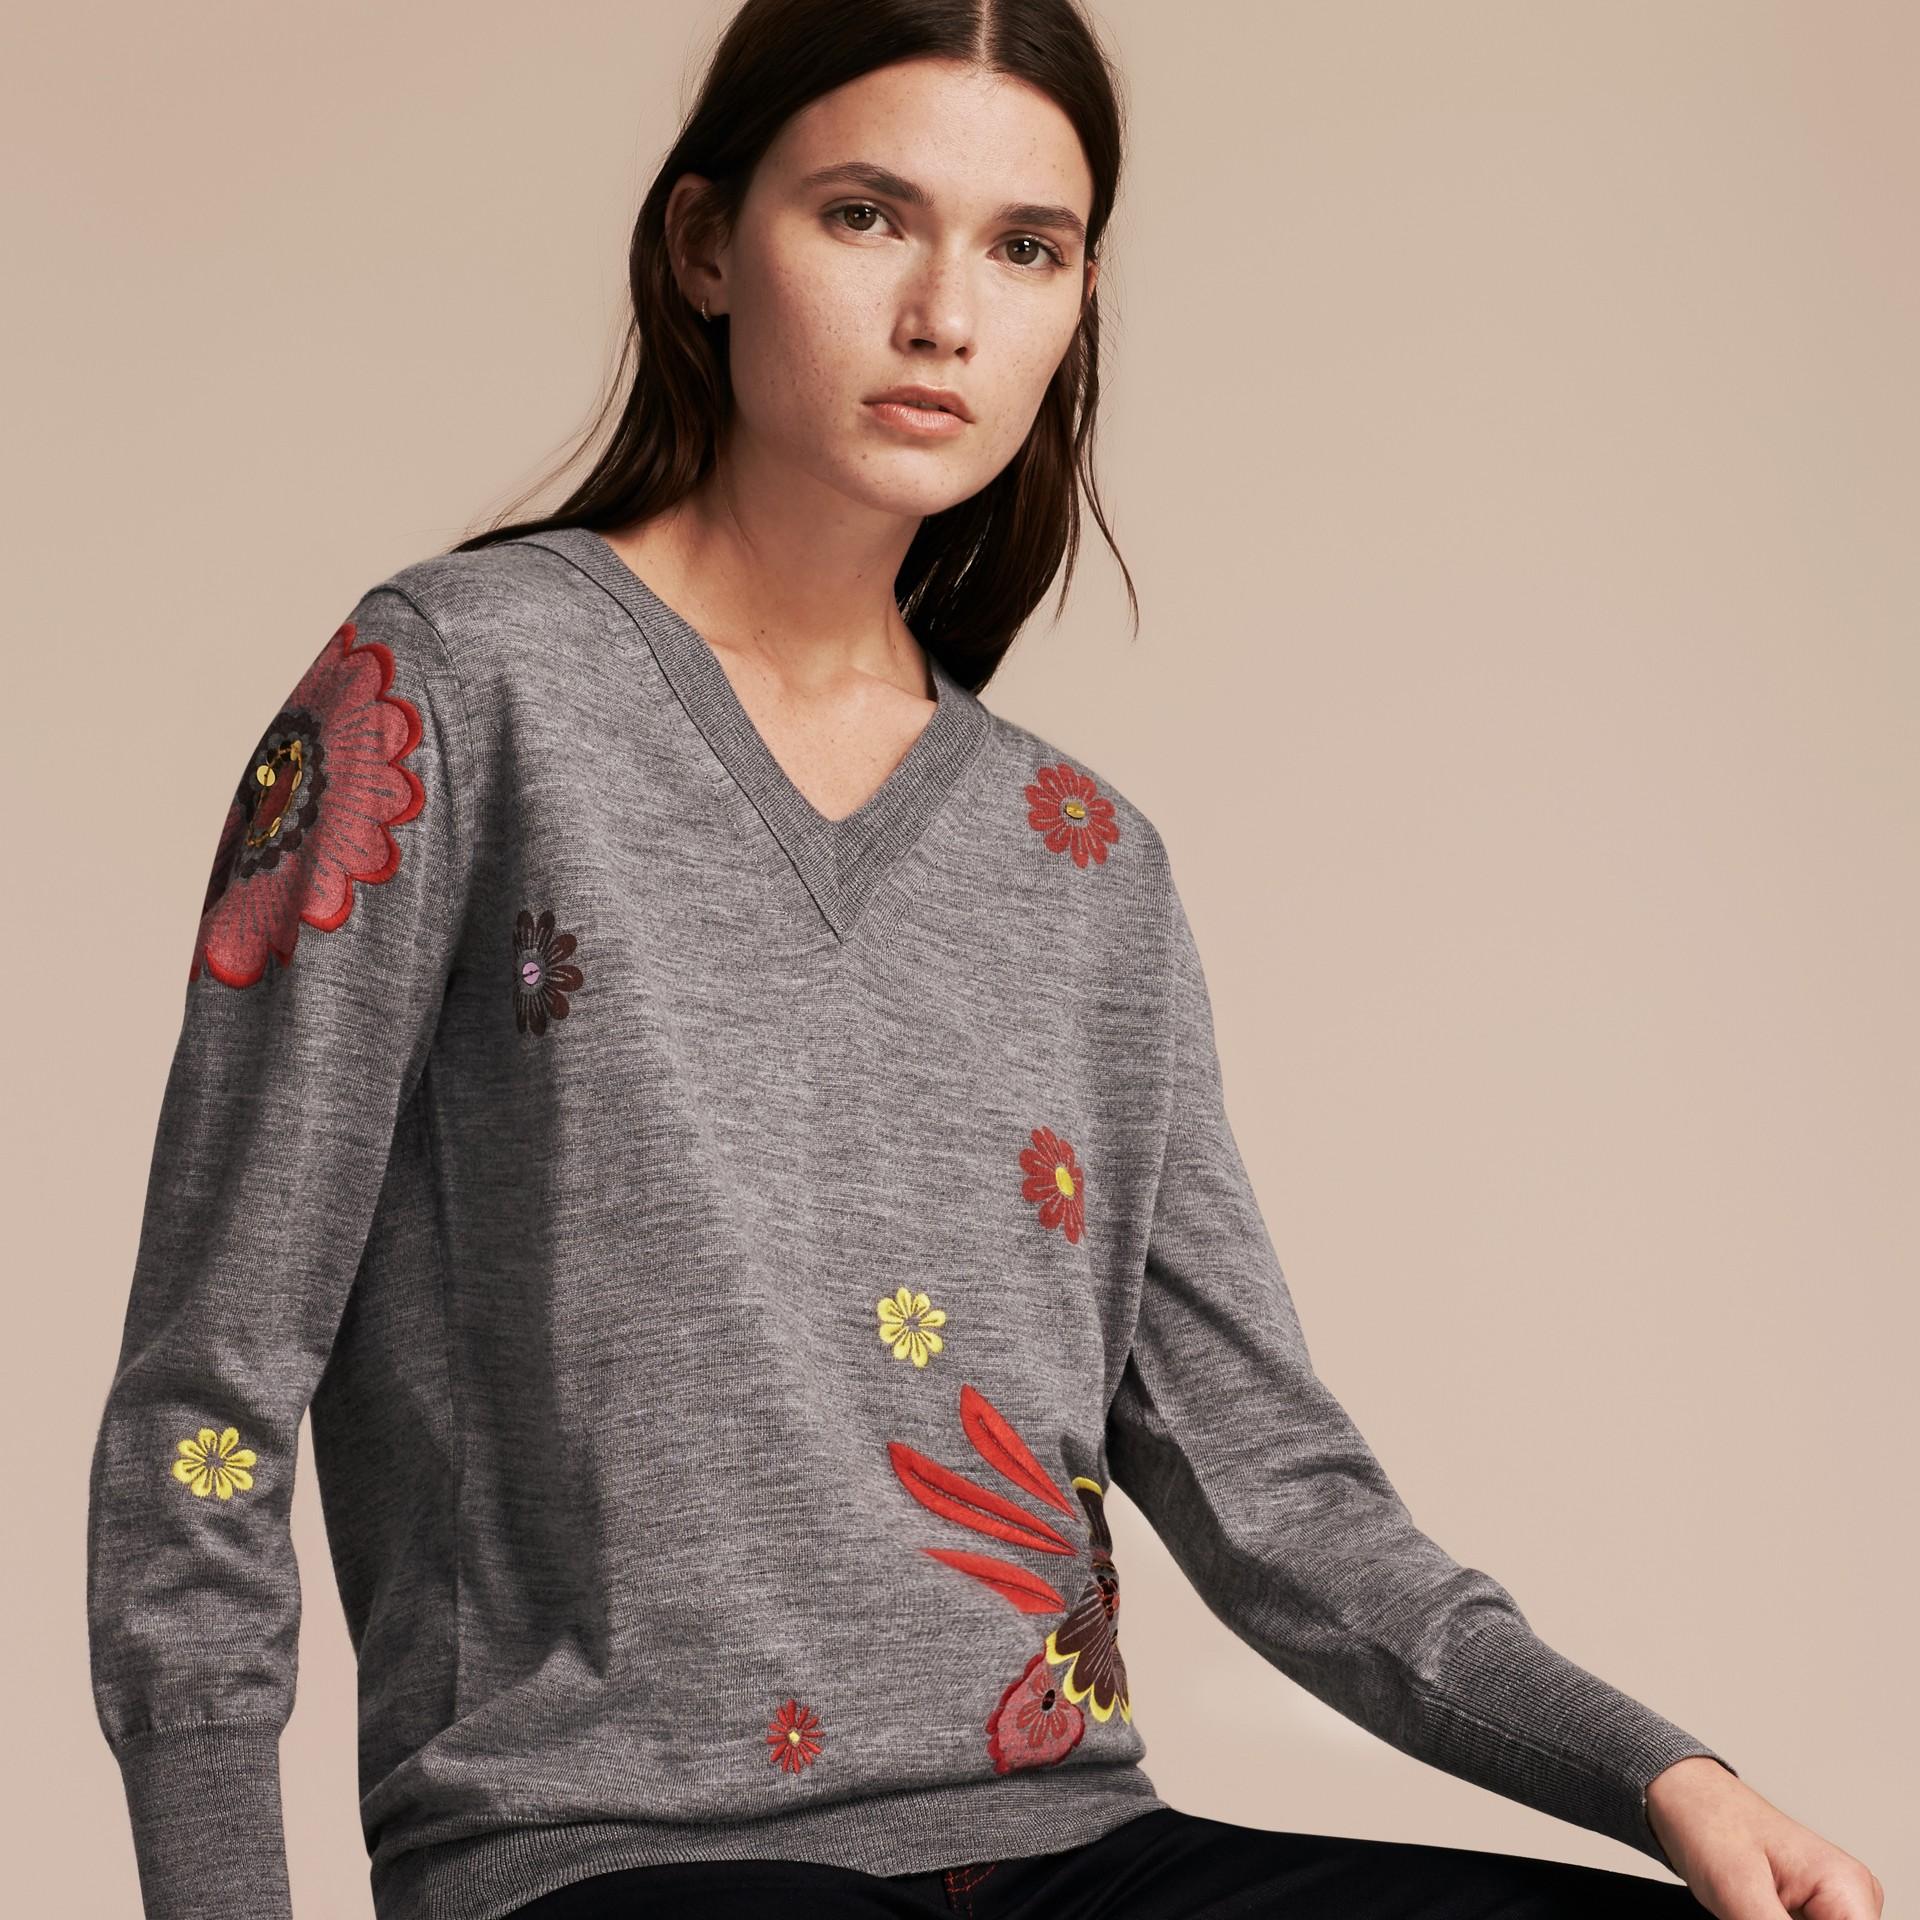 Grigio medio mélange Pullover in lana Merino con scollo a V e decorazione floreale - immagine della galleria 6